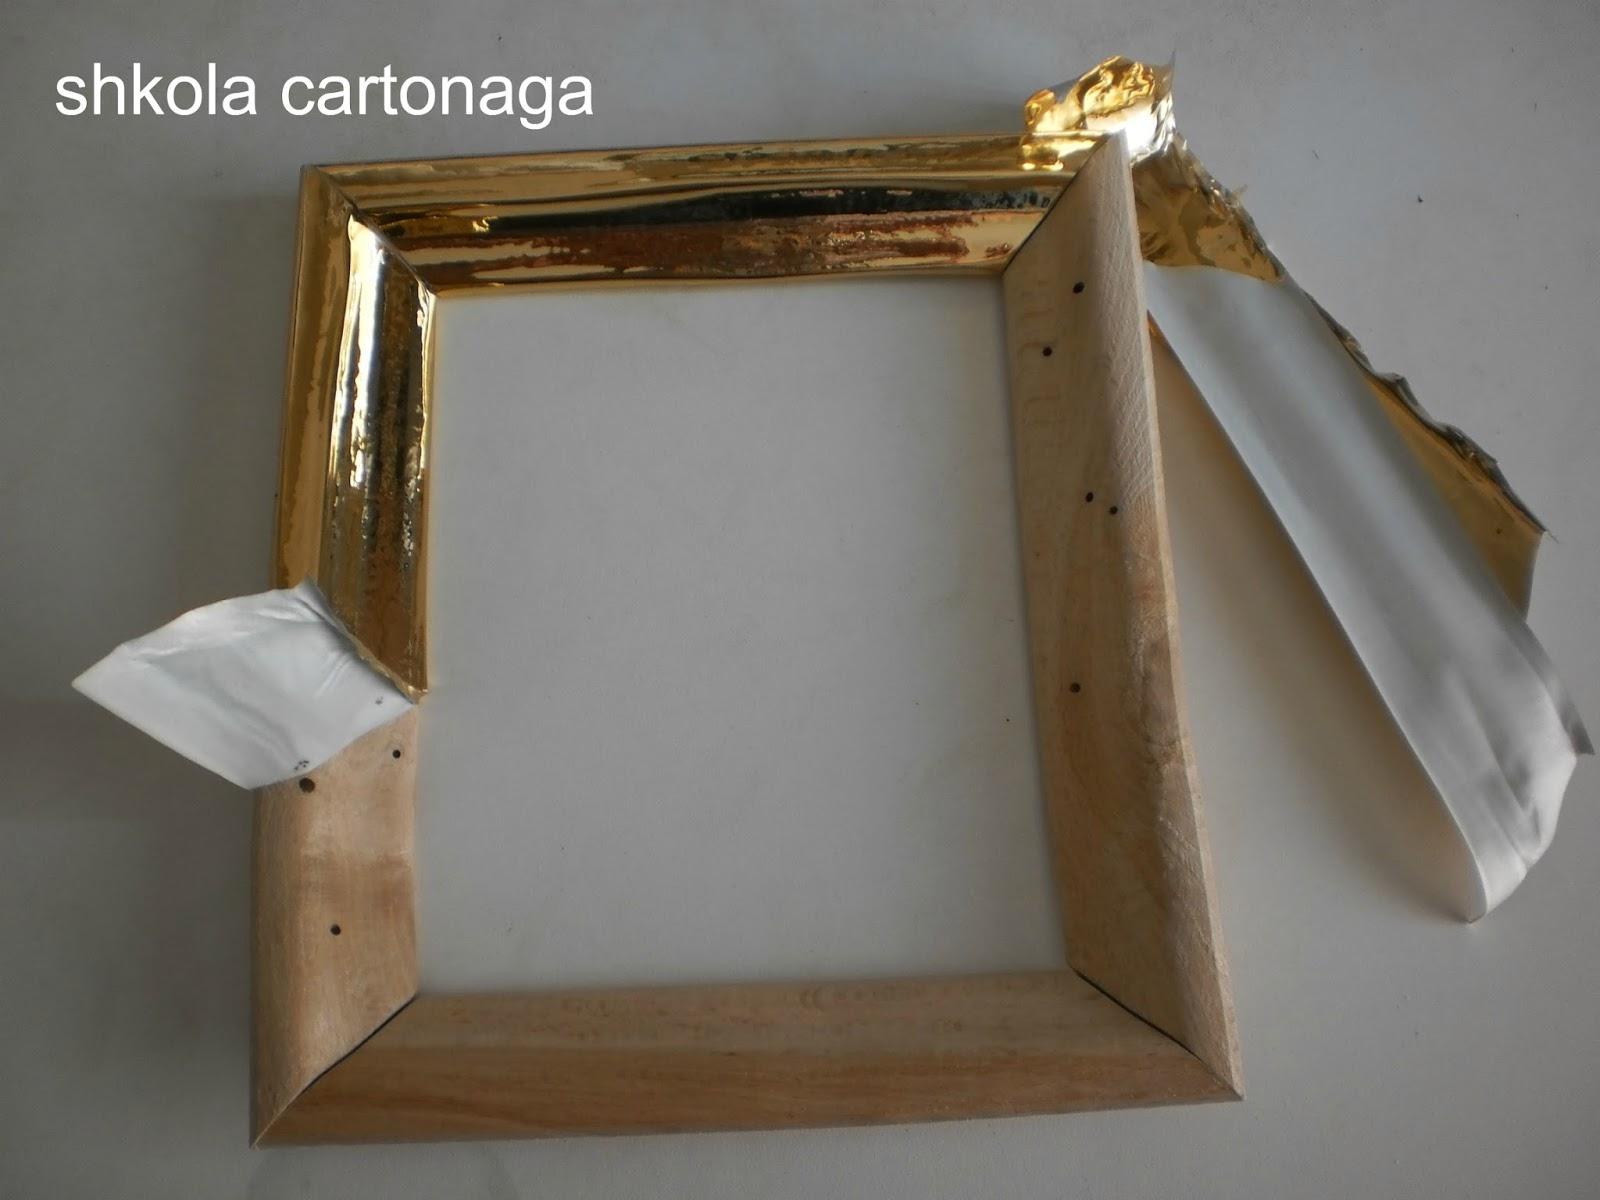 Рамки для картин из плинтуса. идея-выручалочка для рукодельниц